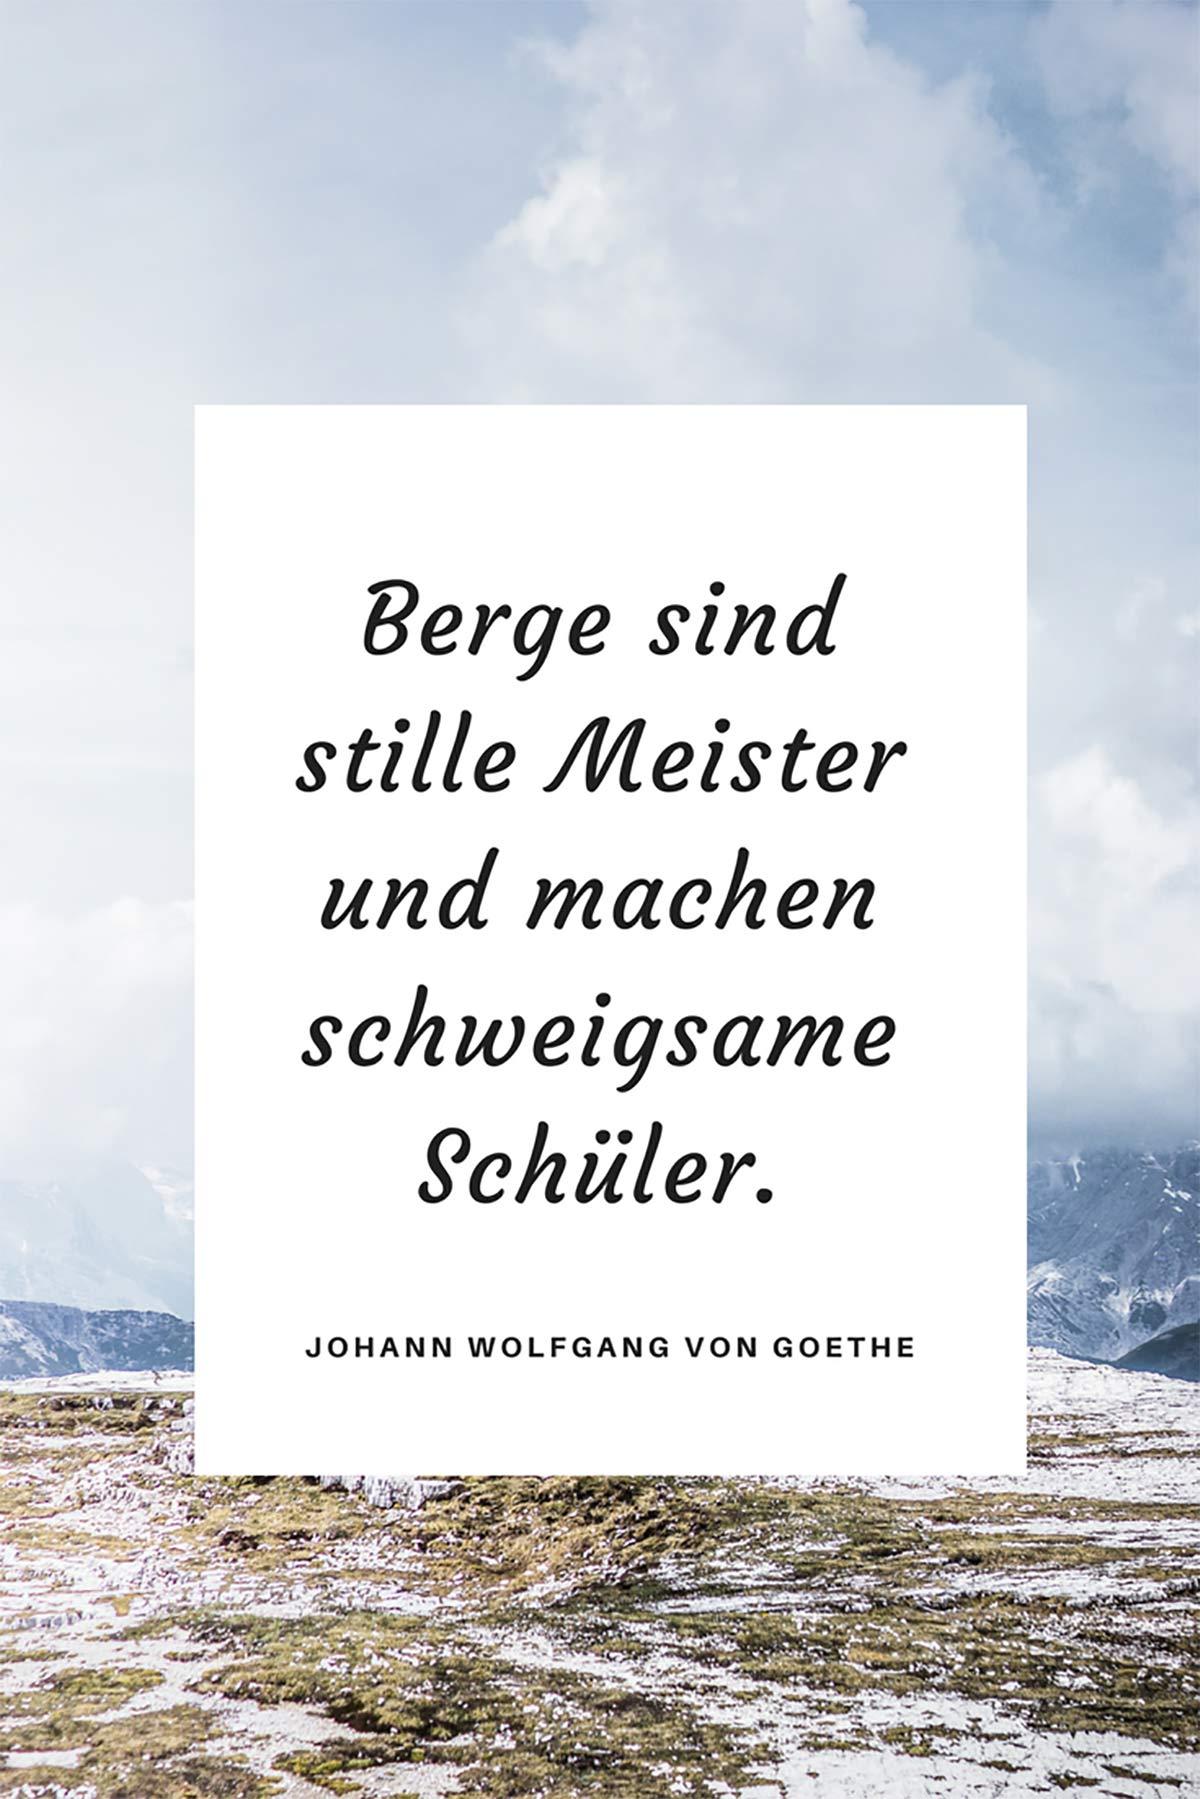 Berge sind stille Meister und machen schweigsame Schüler. – Johan Wolfgang von Goethe